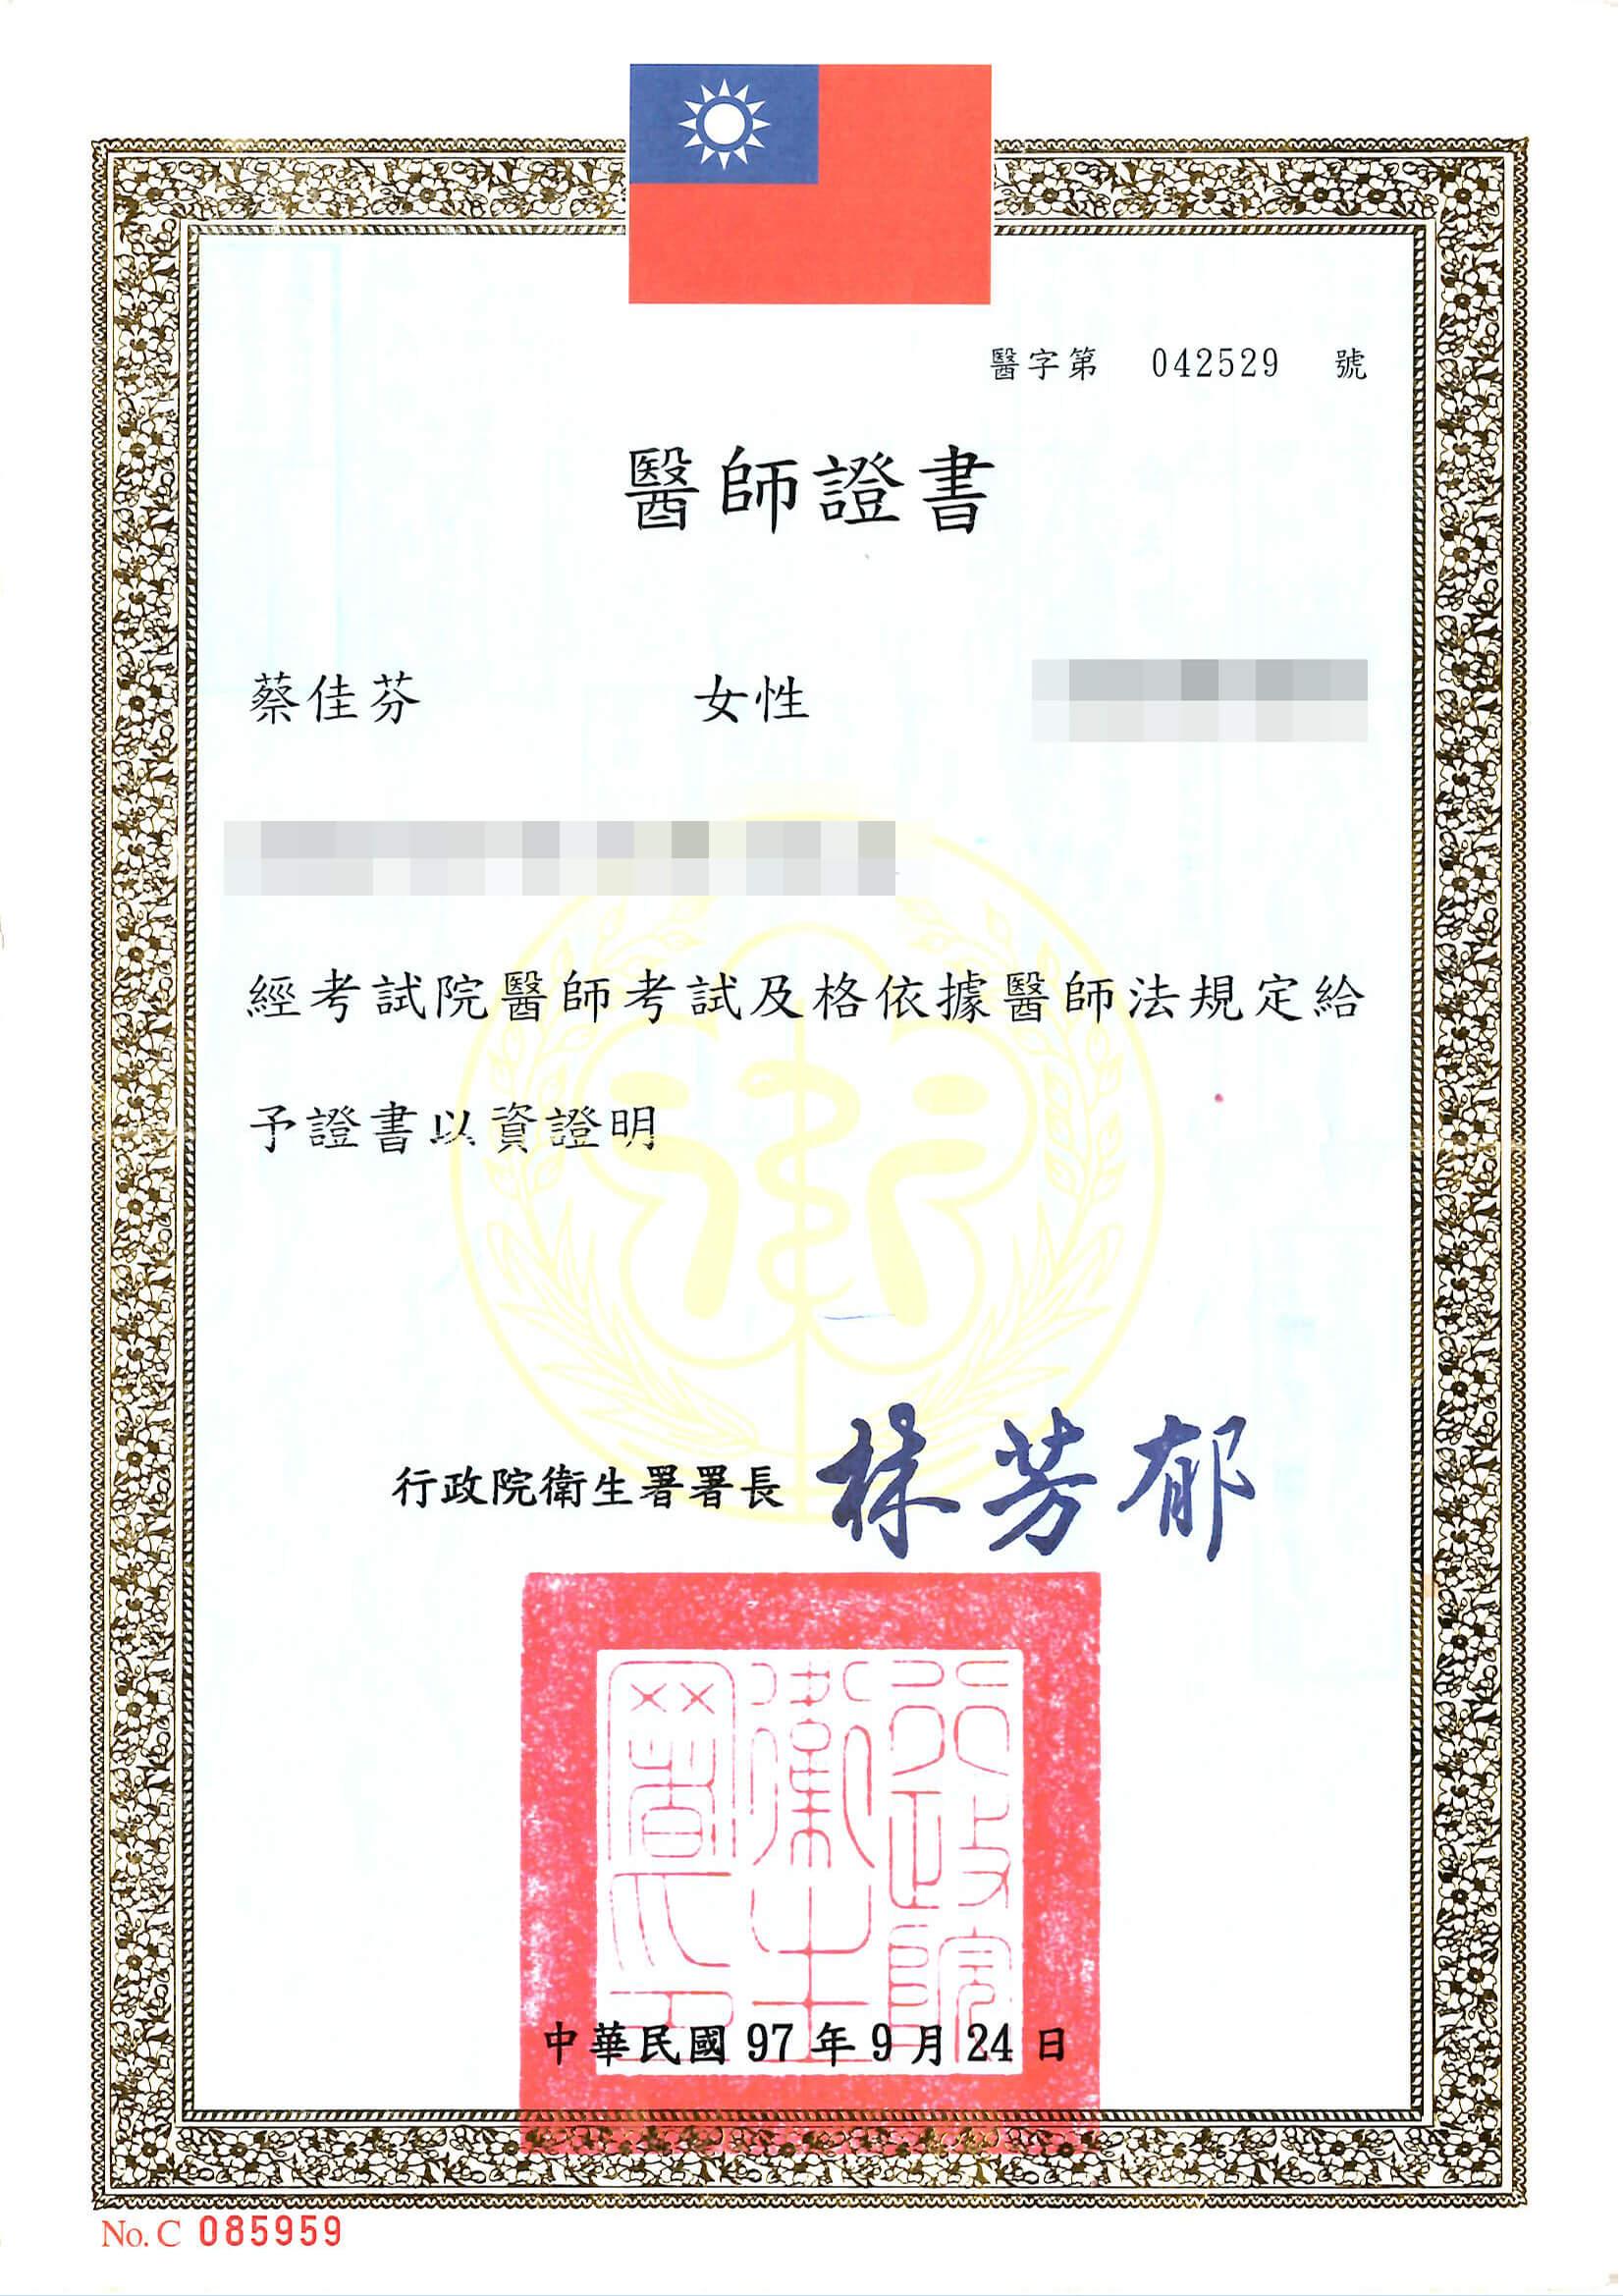 蔡佳芬-醫師證書完成.jpg